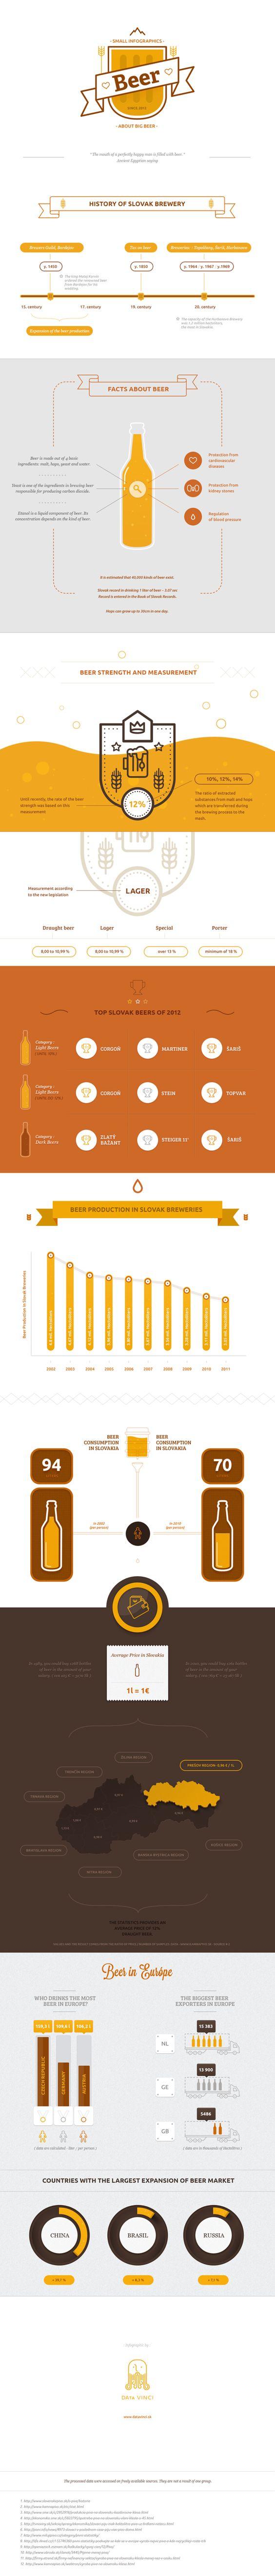 Um pouco sobre a cerveja na Eslováquia e alguns dados interessantes